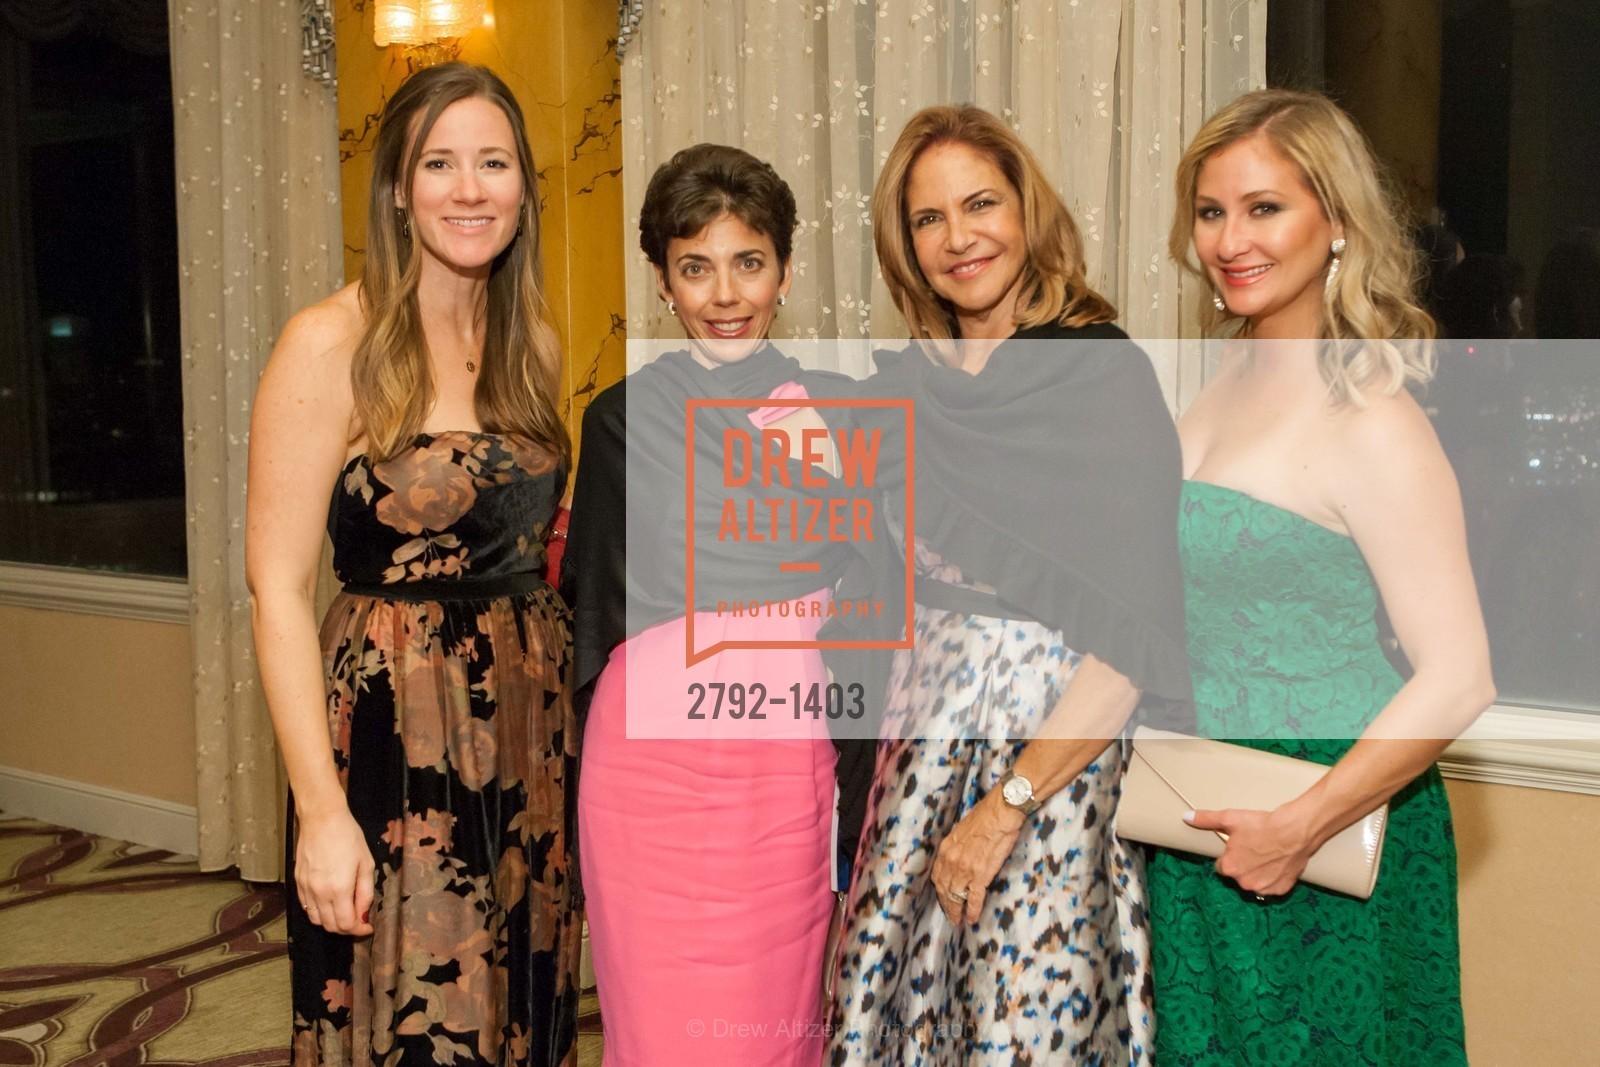 Eileen Quinn, Cynthia Weiss, Madeleine Munilla, Karla Pascua, Photo #2792-1403